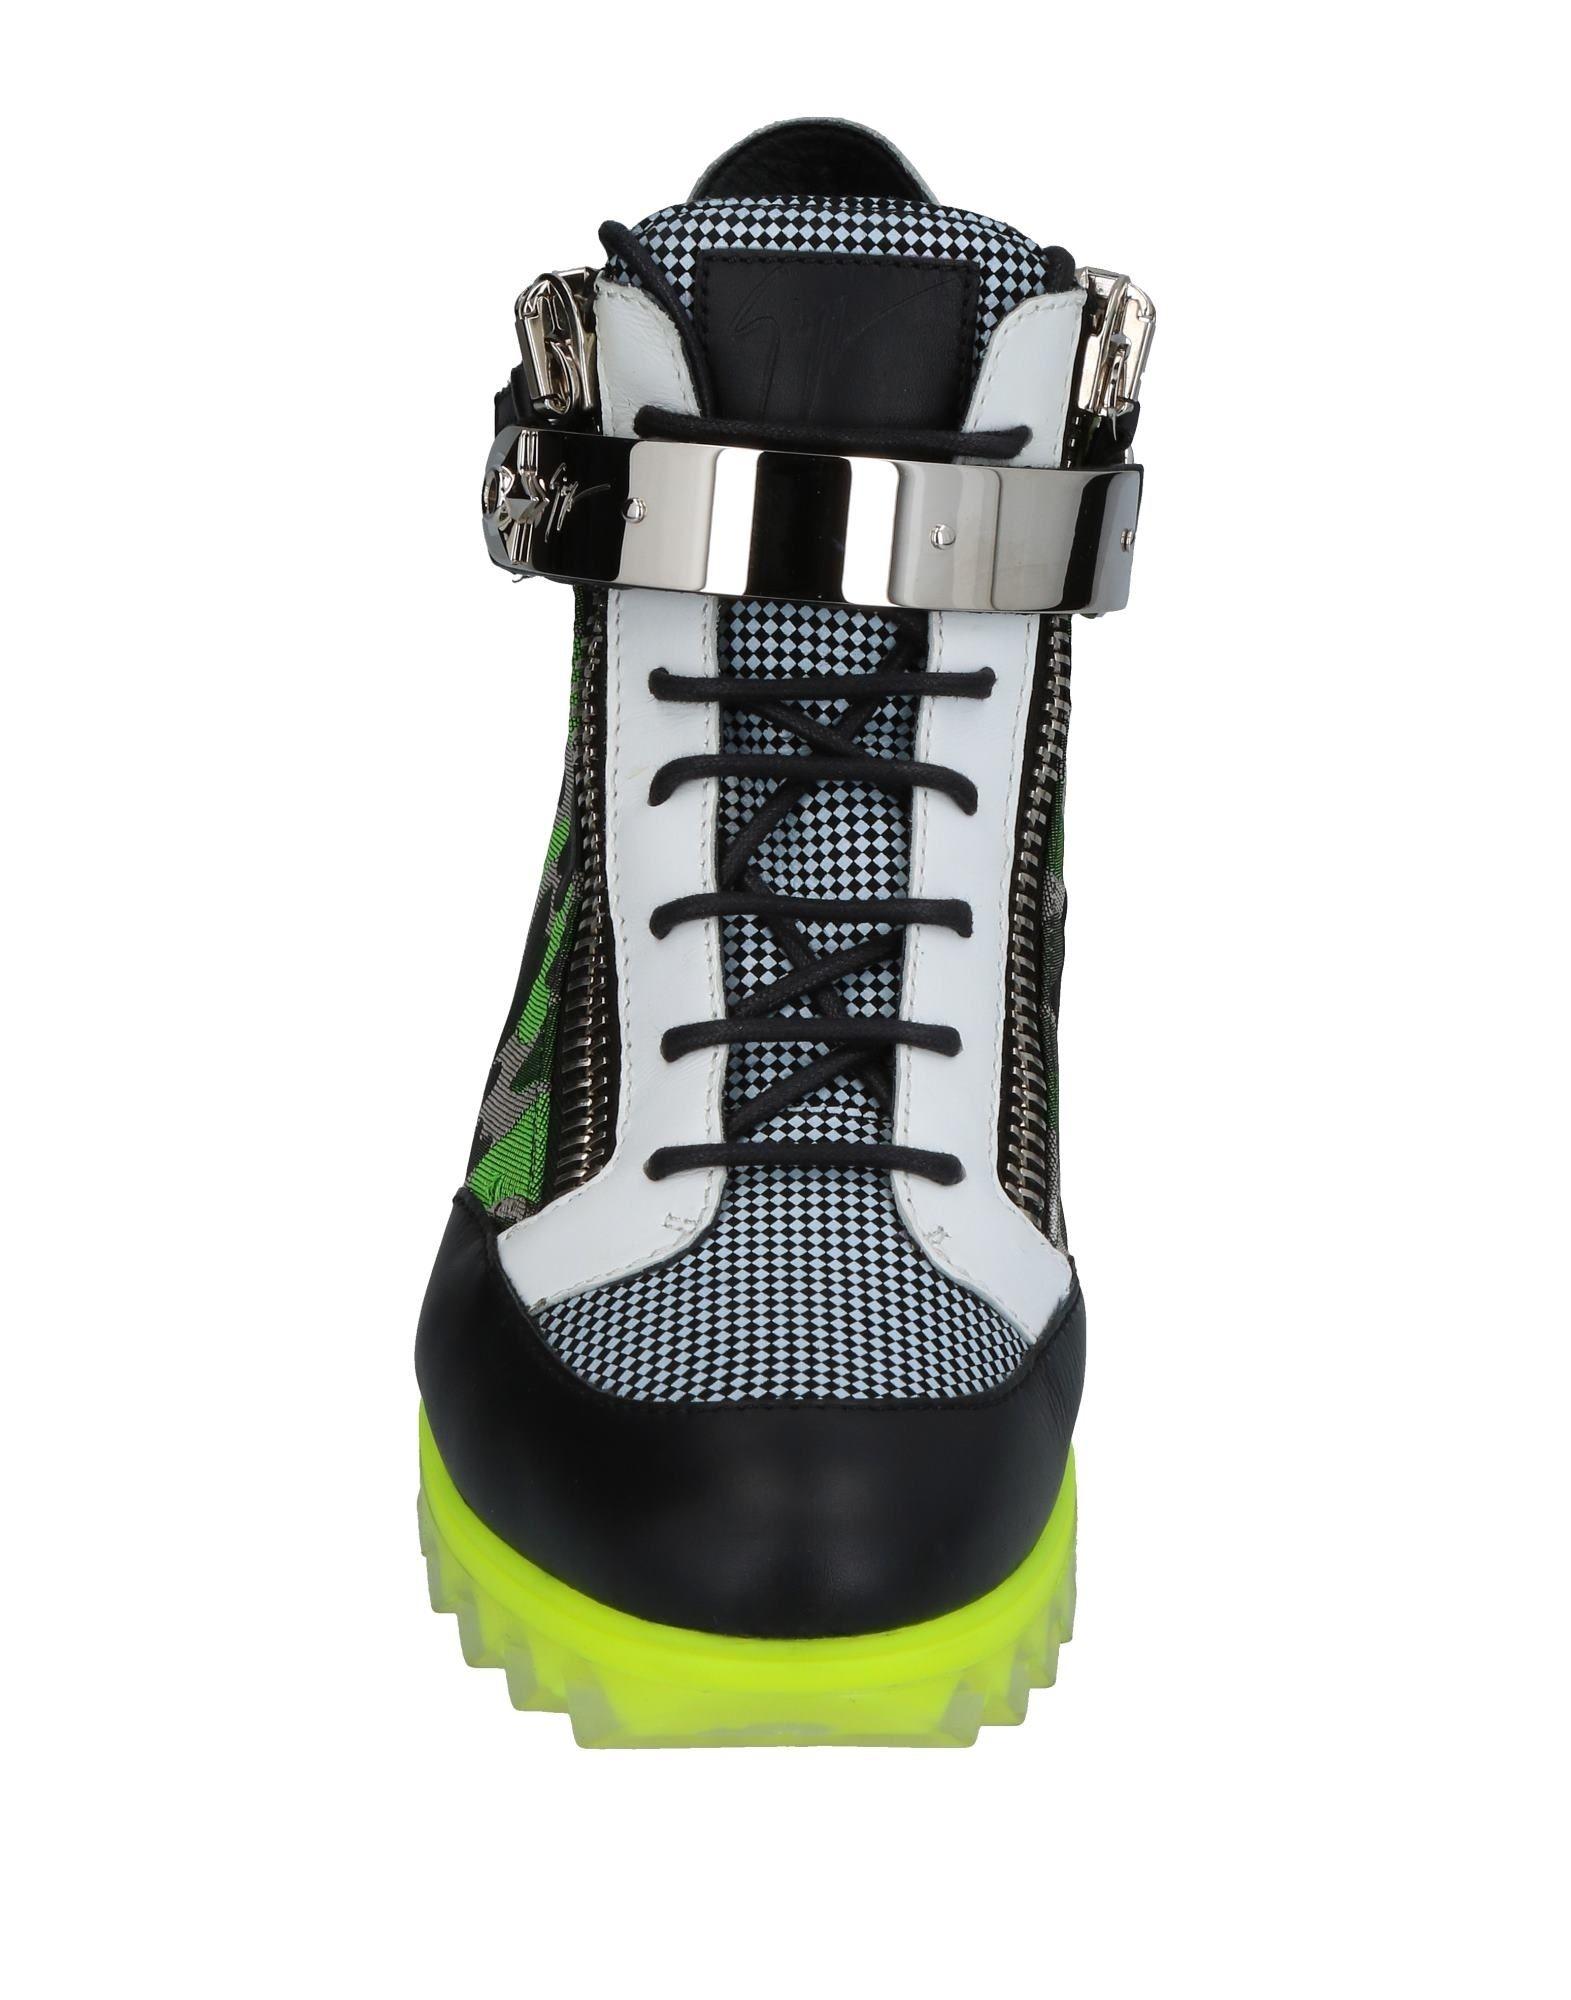 Giuseppe Zanotti Sneakers Herren Herren Sneakers  11377672CU 784cfa